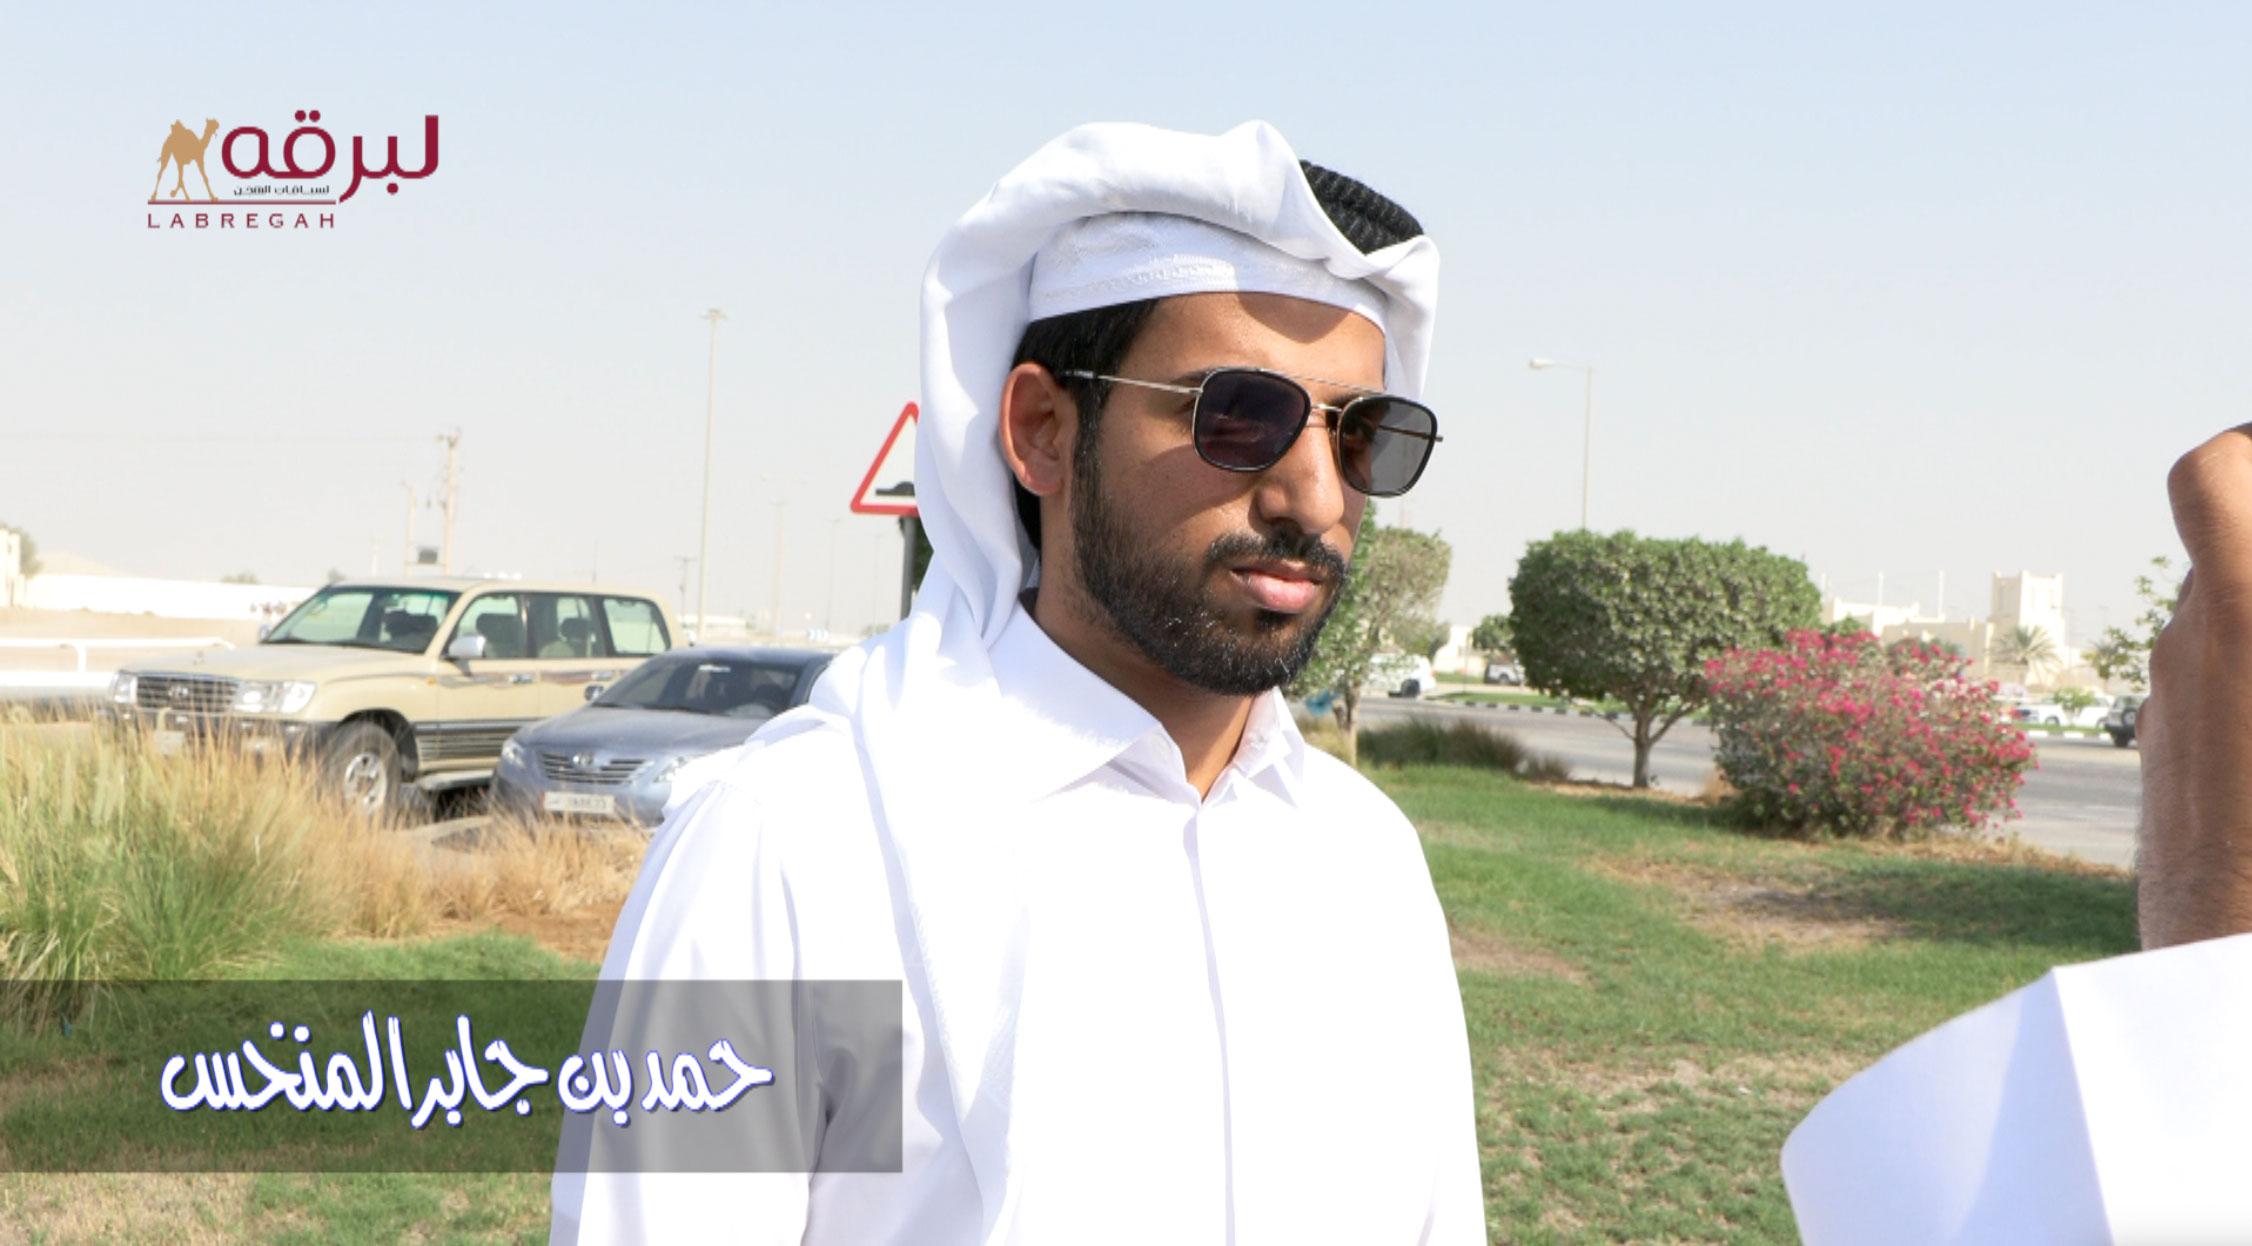 لقاء مع حمد بن جابر المنخس.. الشوط الرئيسي للحيل (إنتاج) ميدان الشحانية ١٢-٩-٢٠٢١